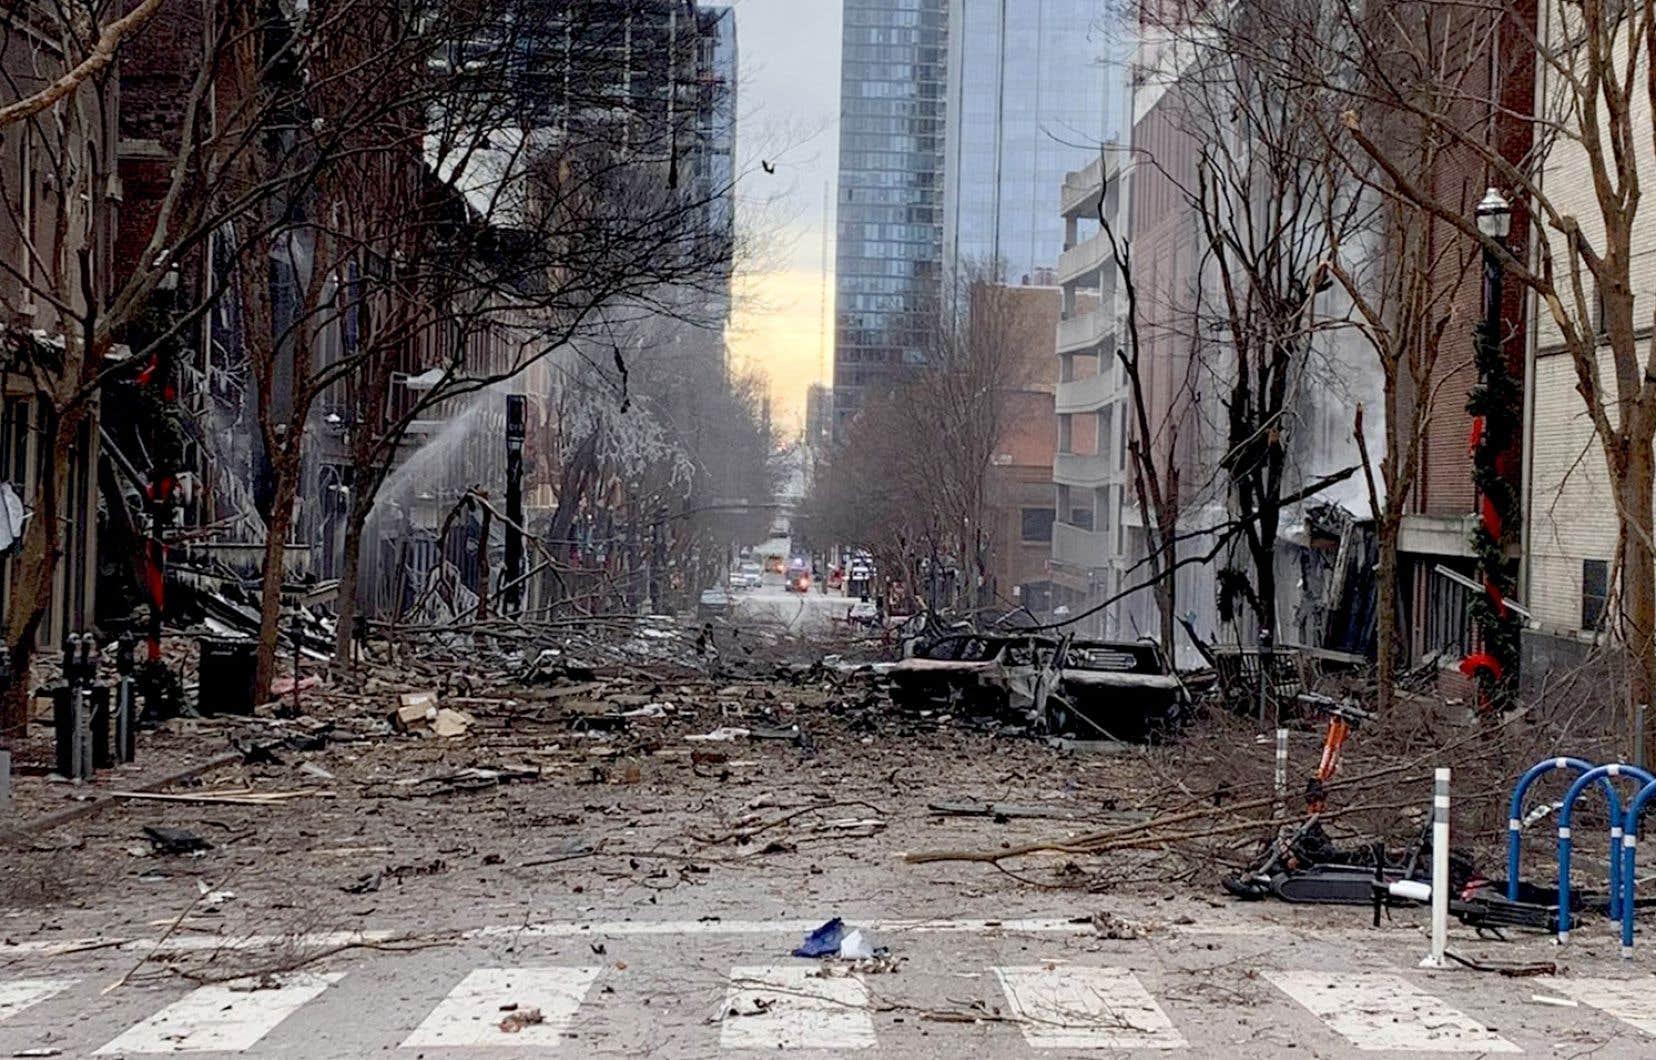 Les enquêteurs n'ont pas révélé les raisons pour lesquelles Warner avait choisi cet endroit pour commettre son attentat qui a endommagé un centre de transmission de la société AT&T.